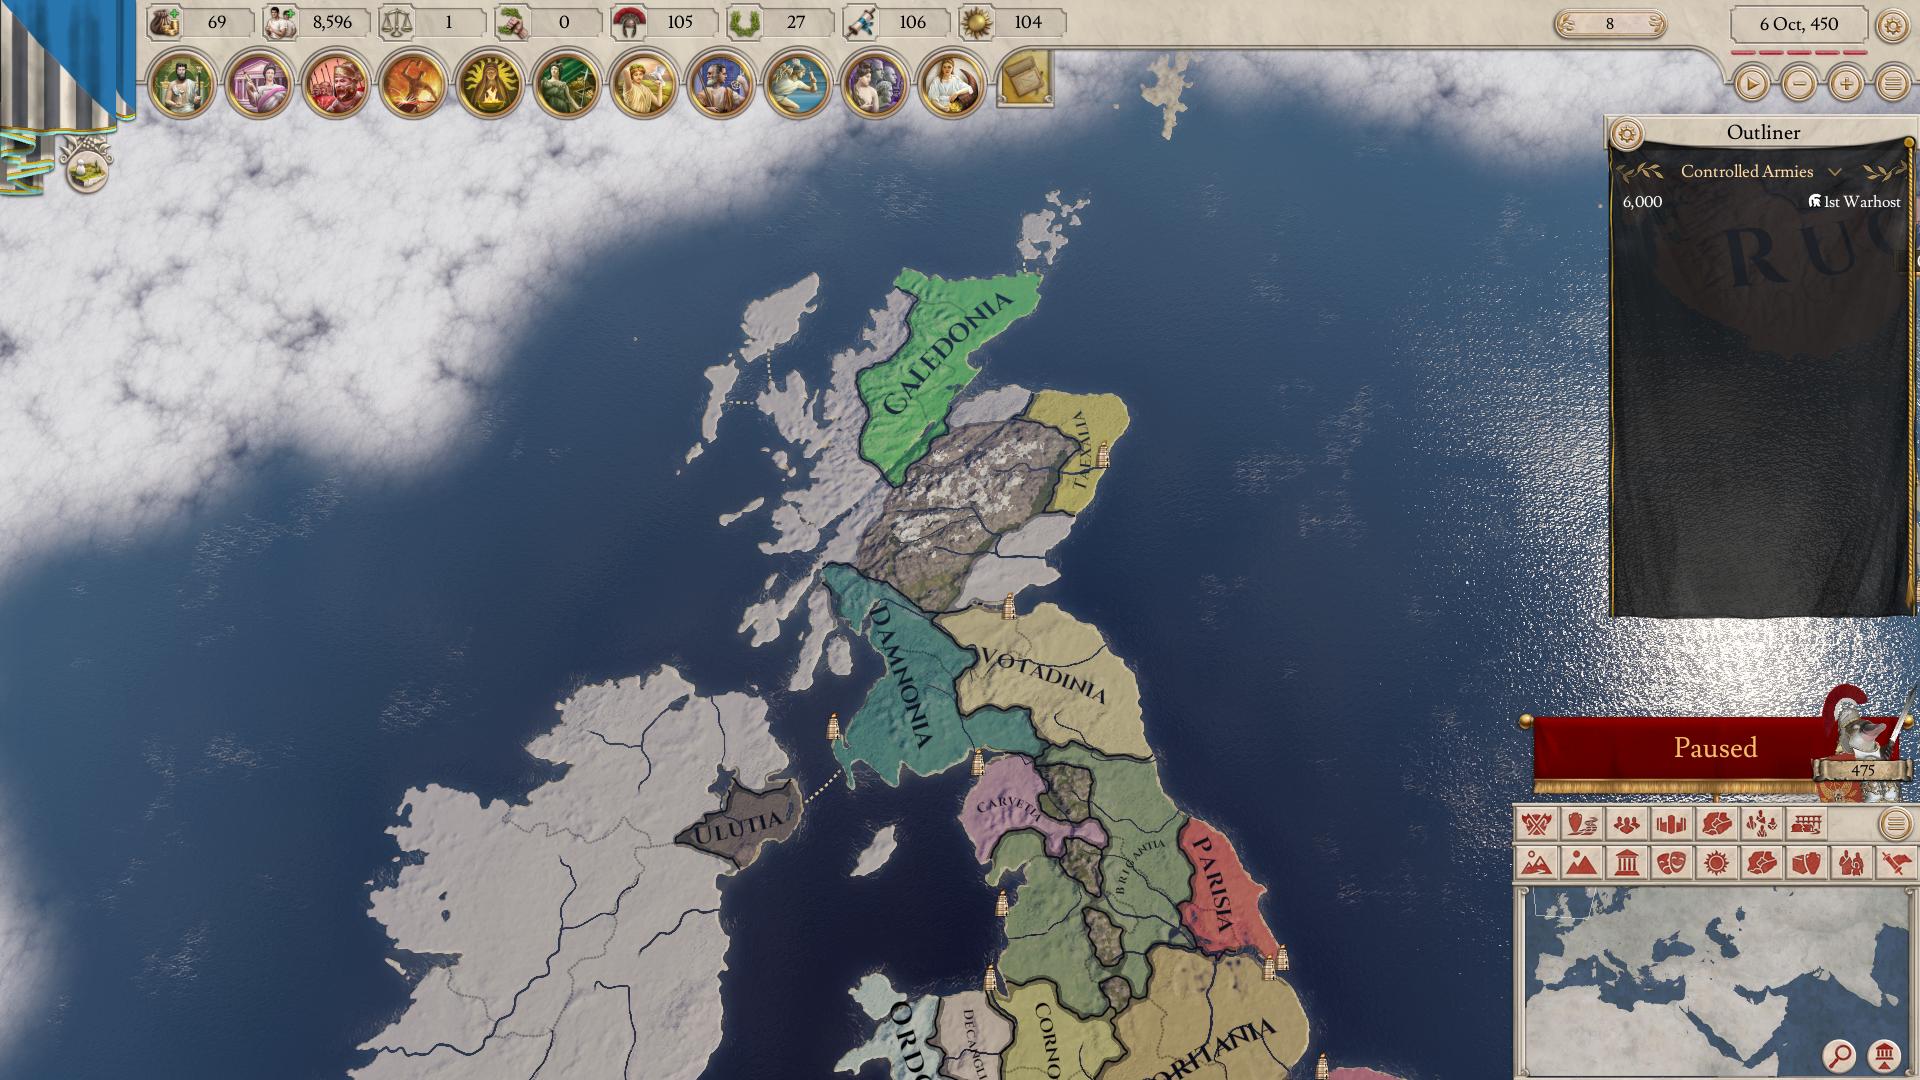 scotlandpolitics.png